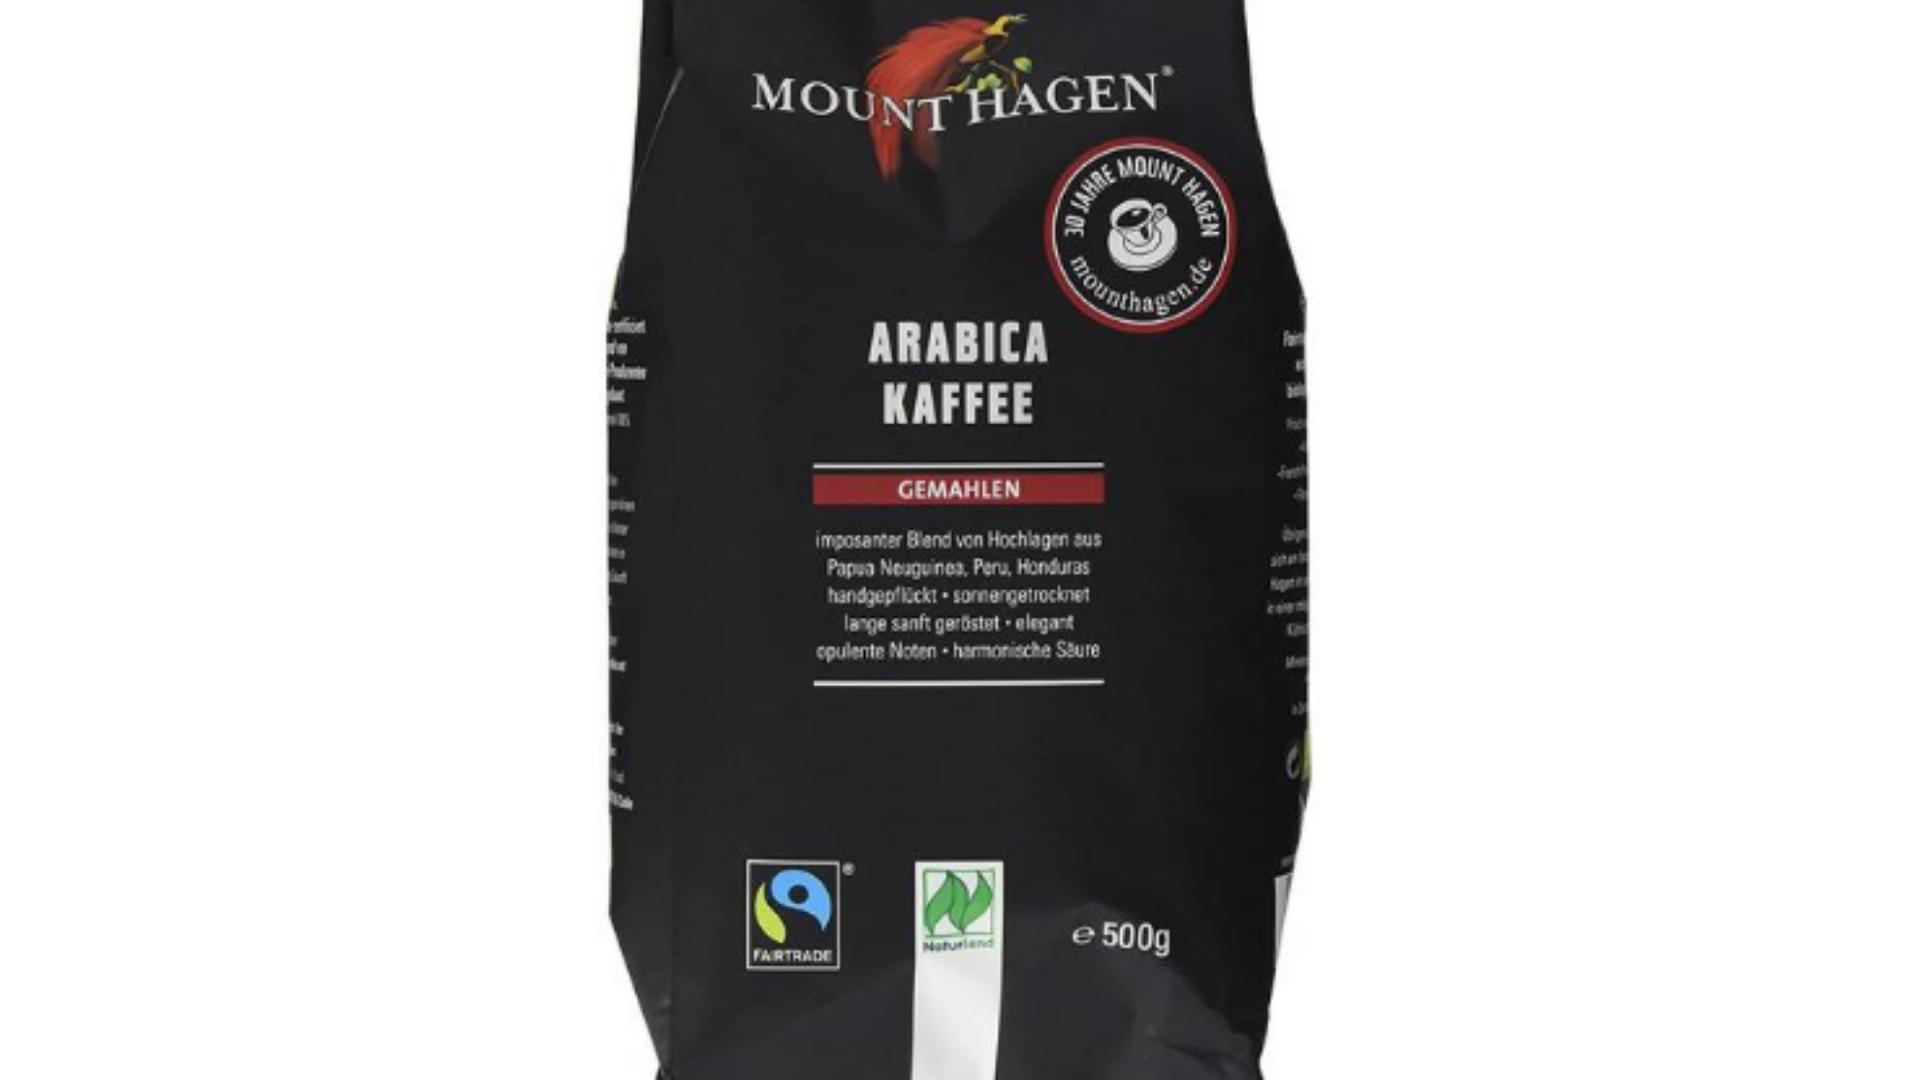 Kaffee Mount Hagen